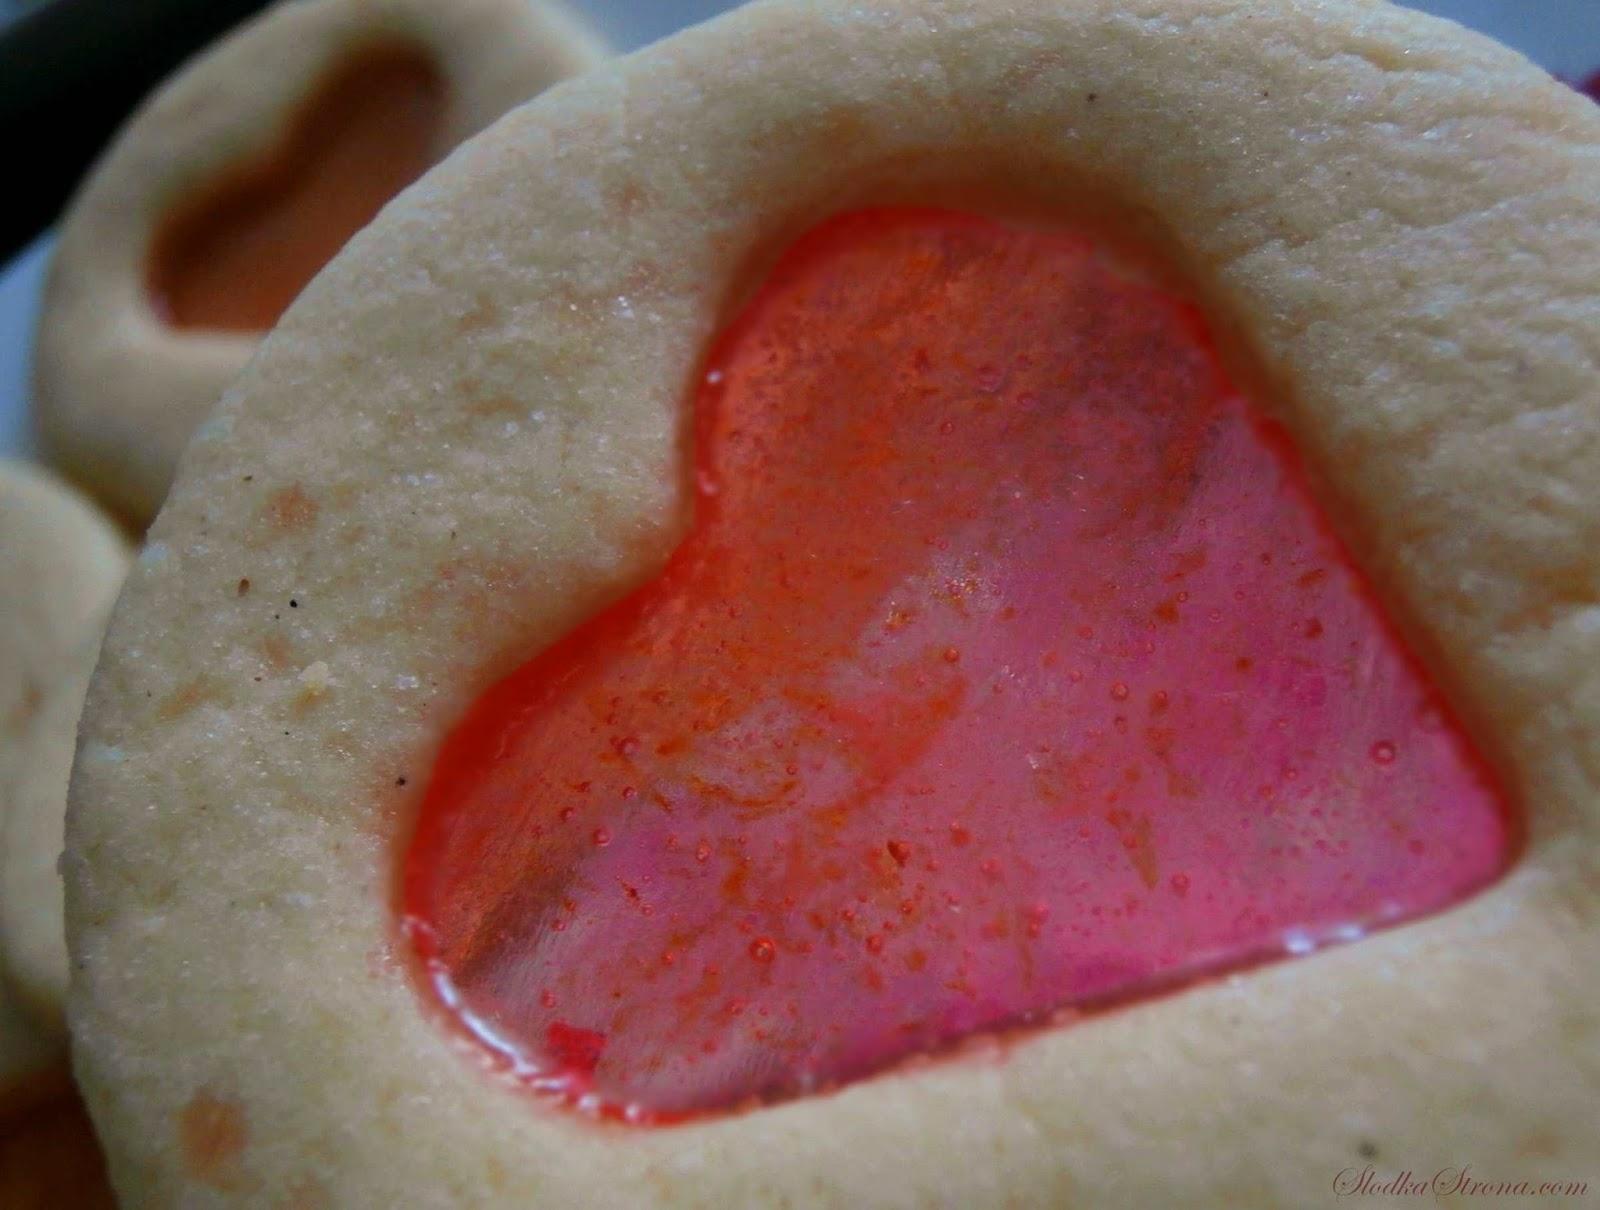 Walentynkowe Ciasteczka z Witrażem - Przepis - Słodka Strona